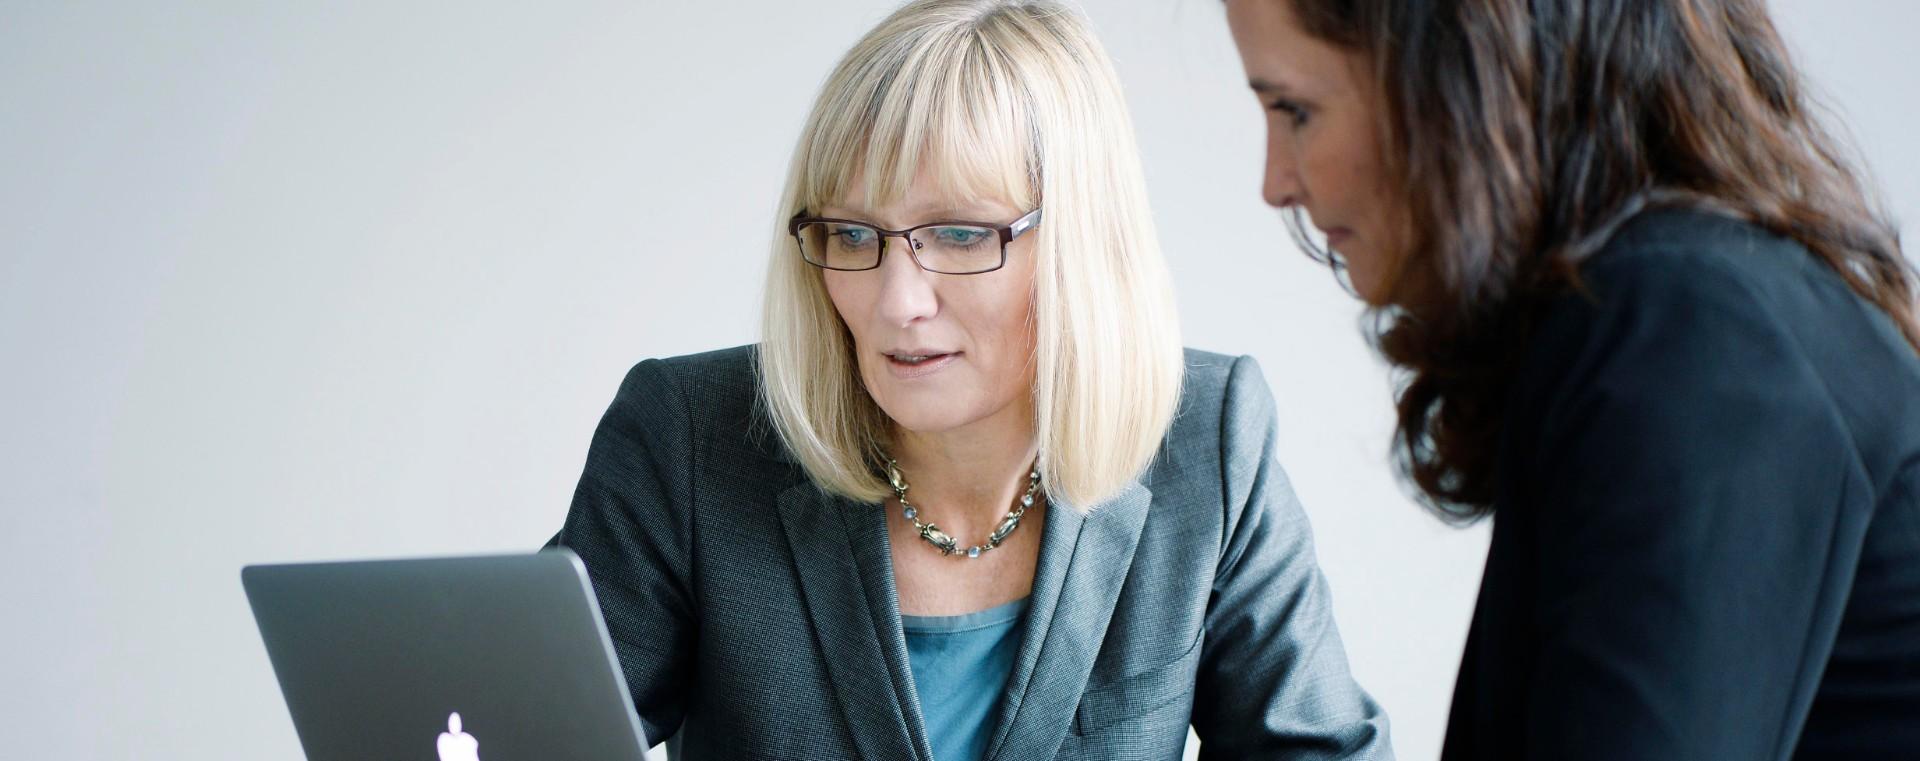 Kvinde modtager uvildig investeringsrådgivning